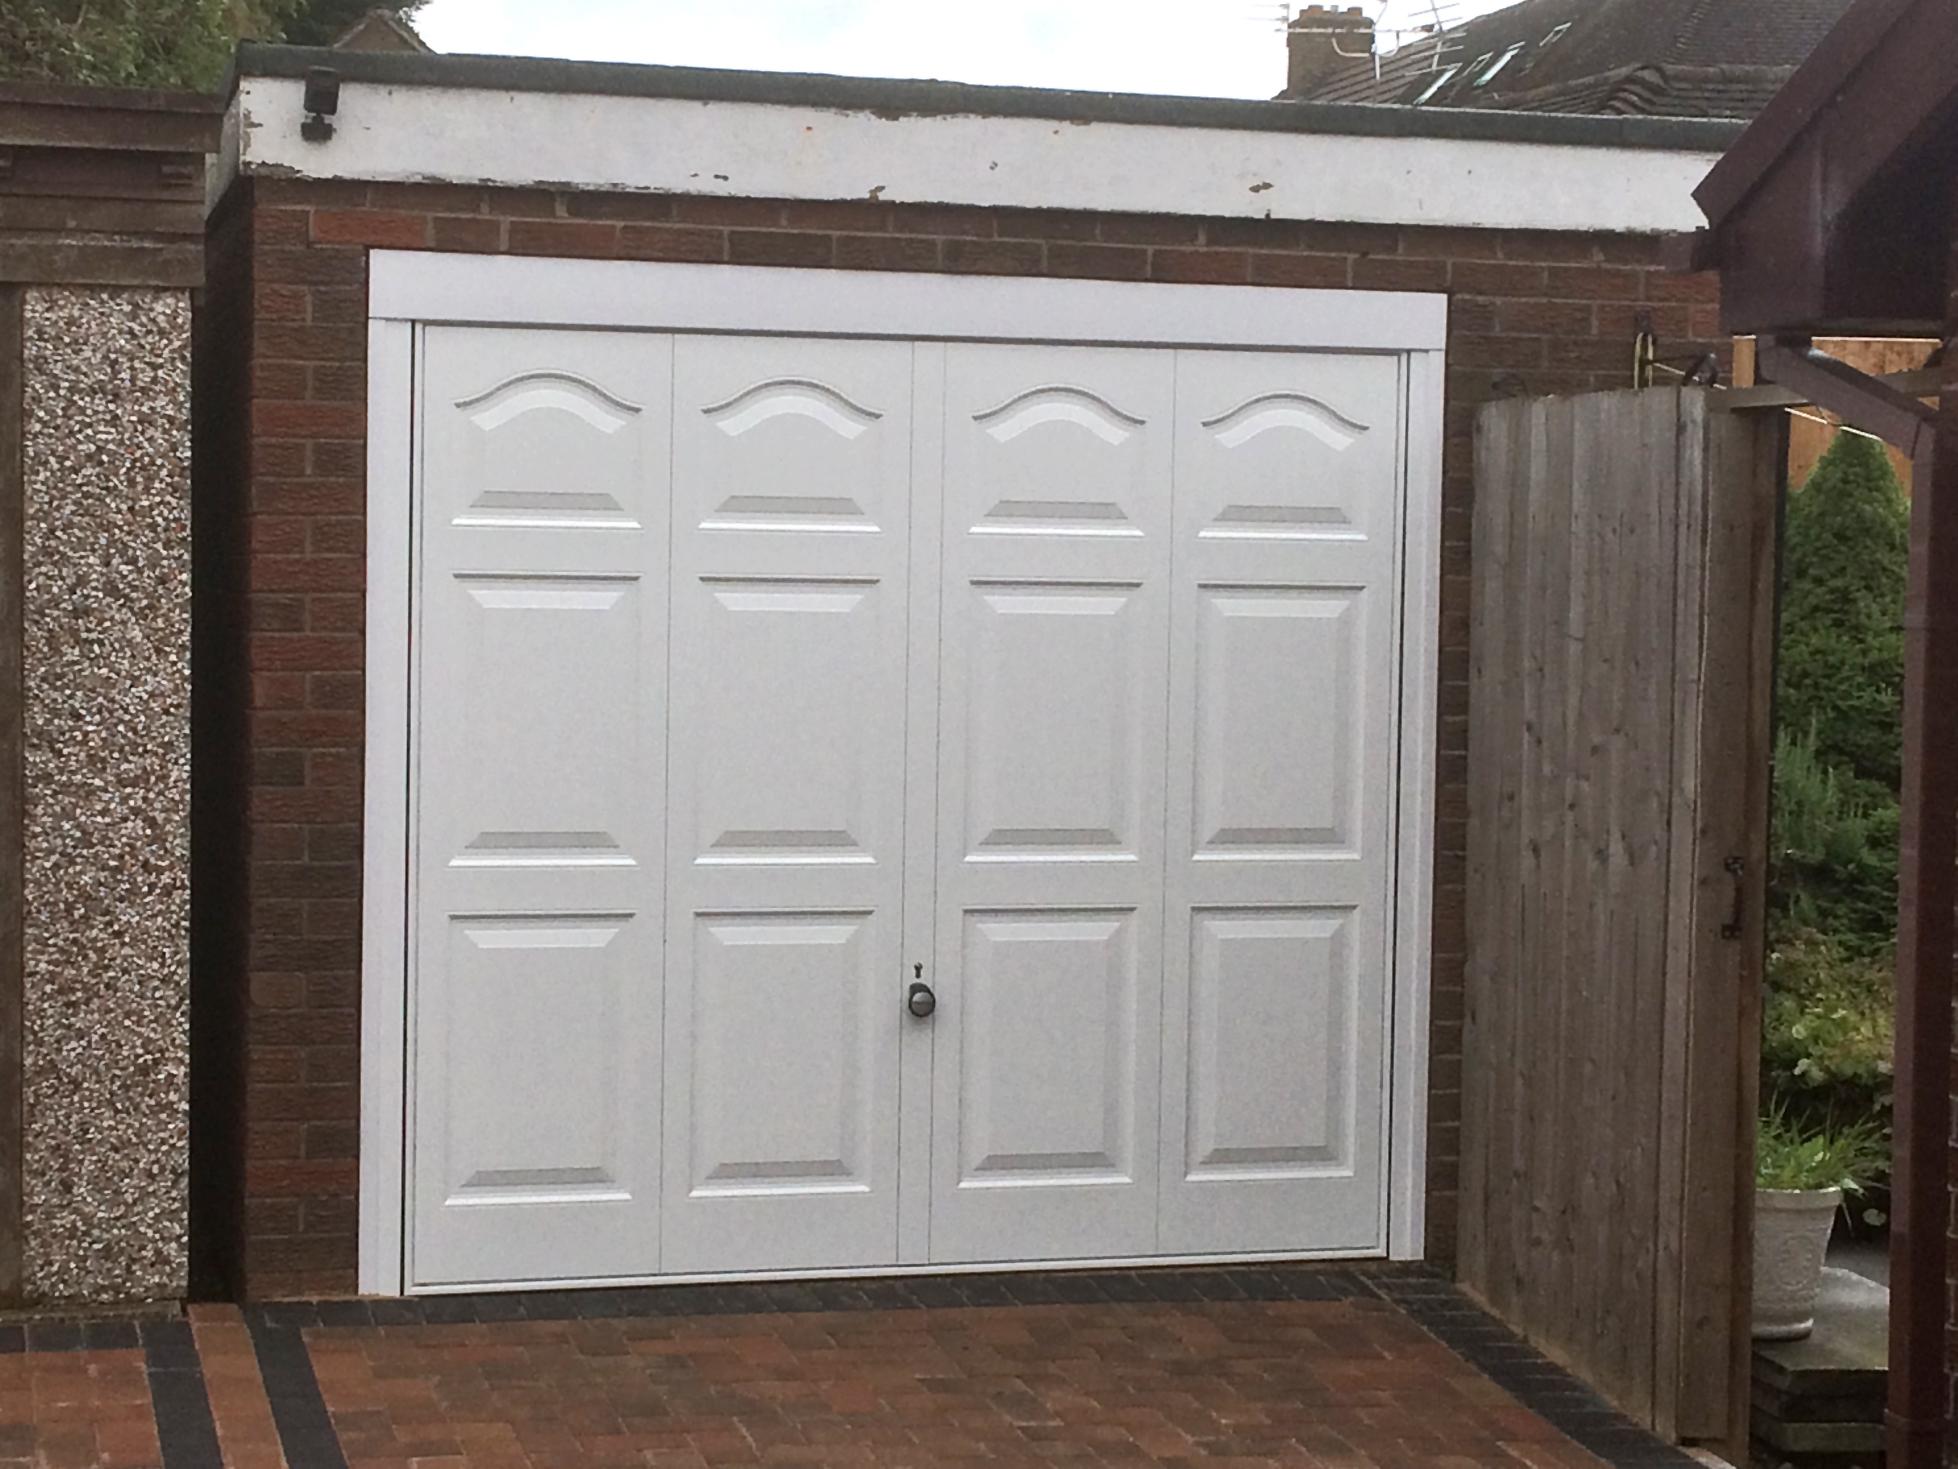 Garage Doors With Windows : Personnel door window and garage wirral pennine